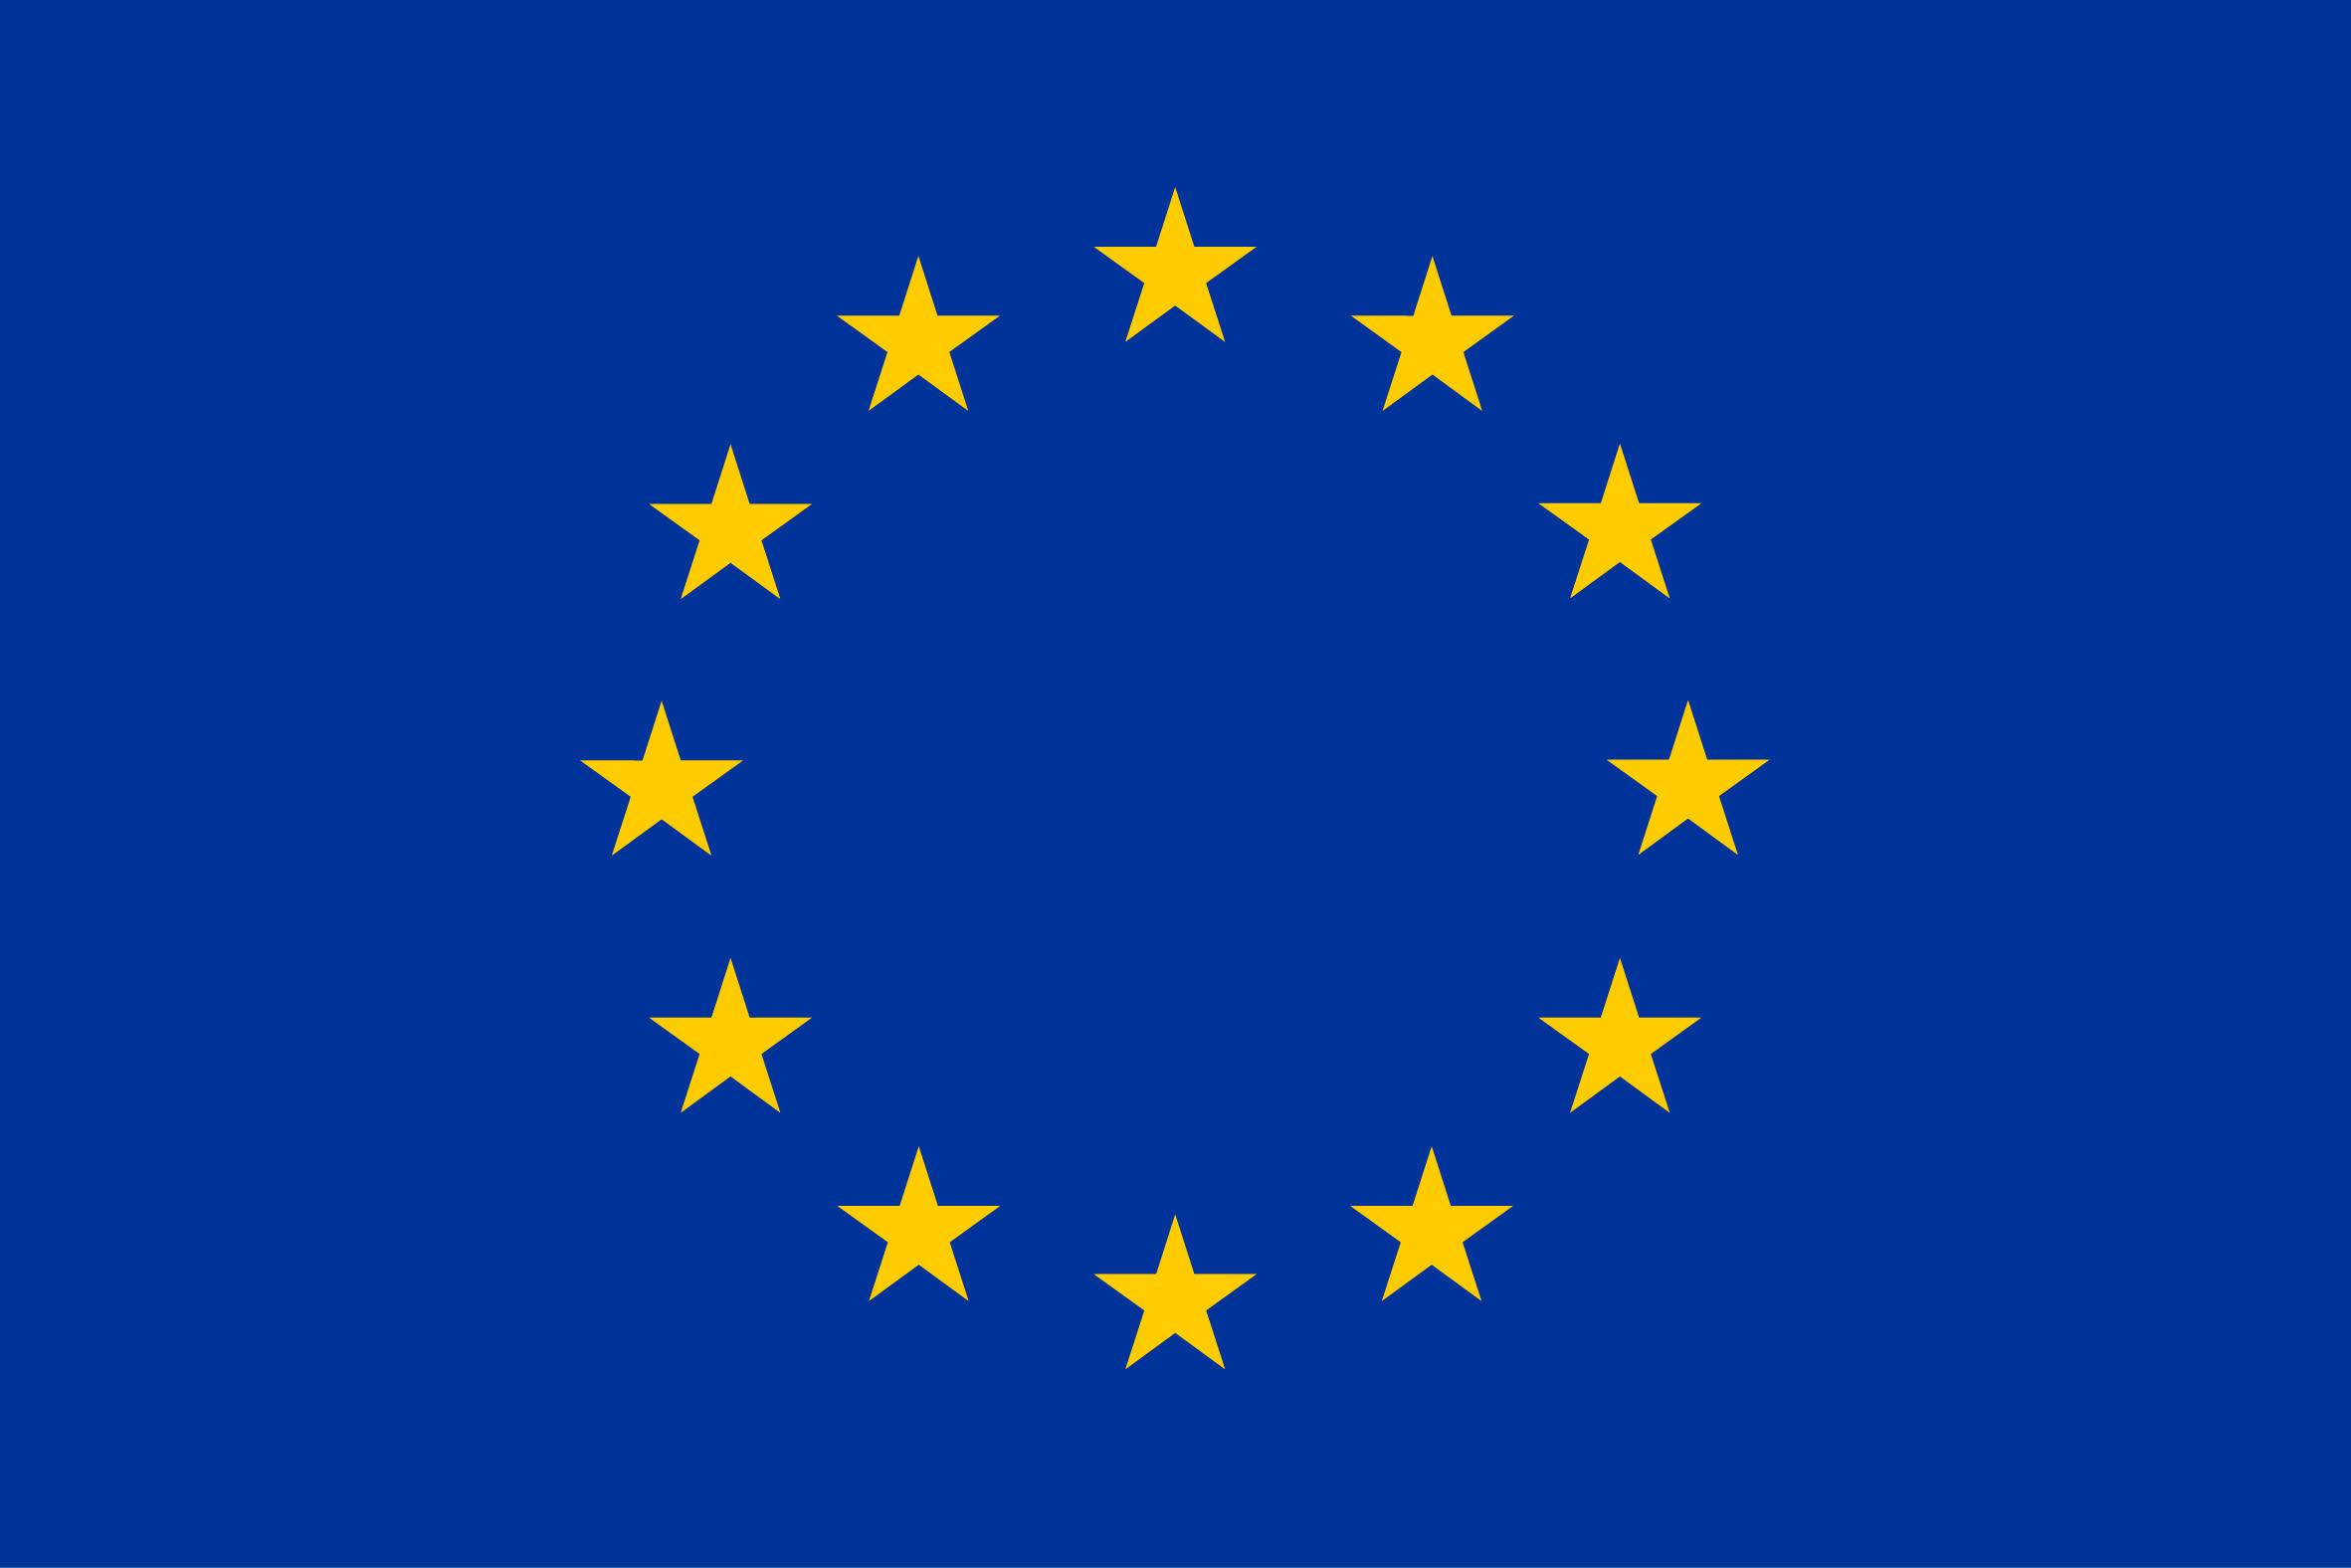 Bandiera con stelle dell'Unione Europea